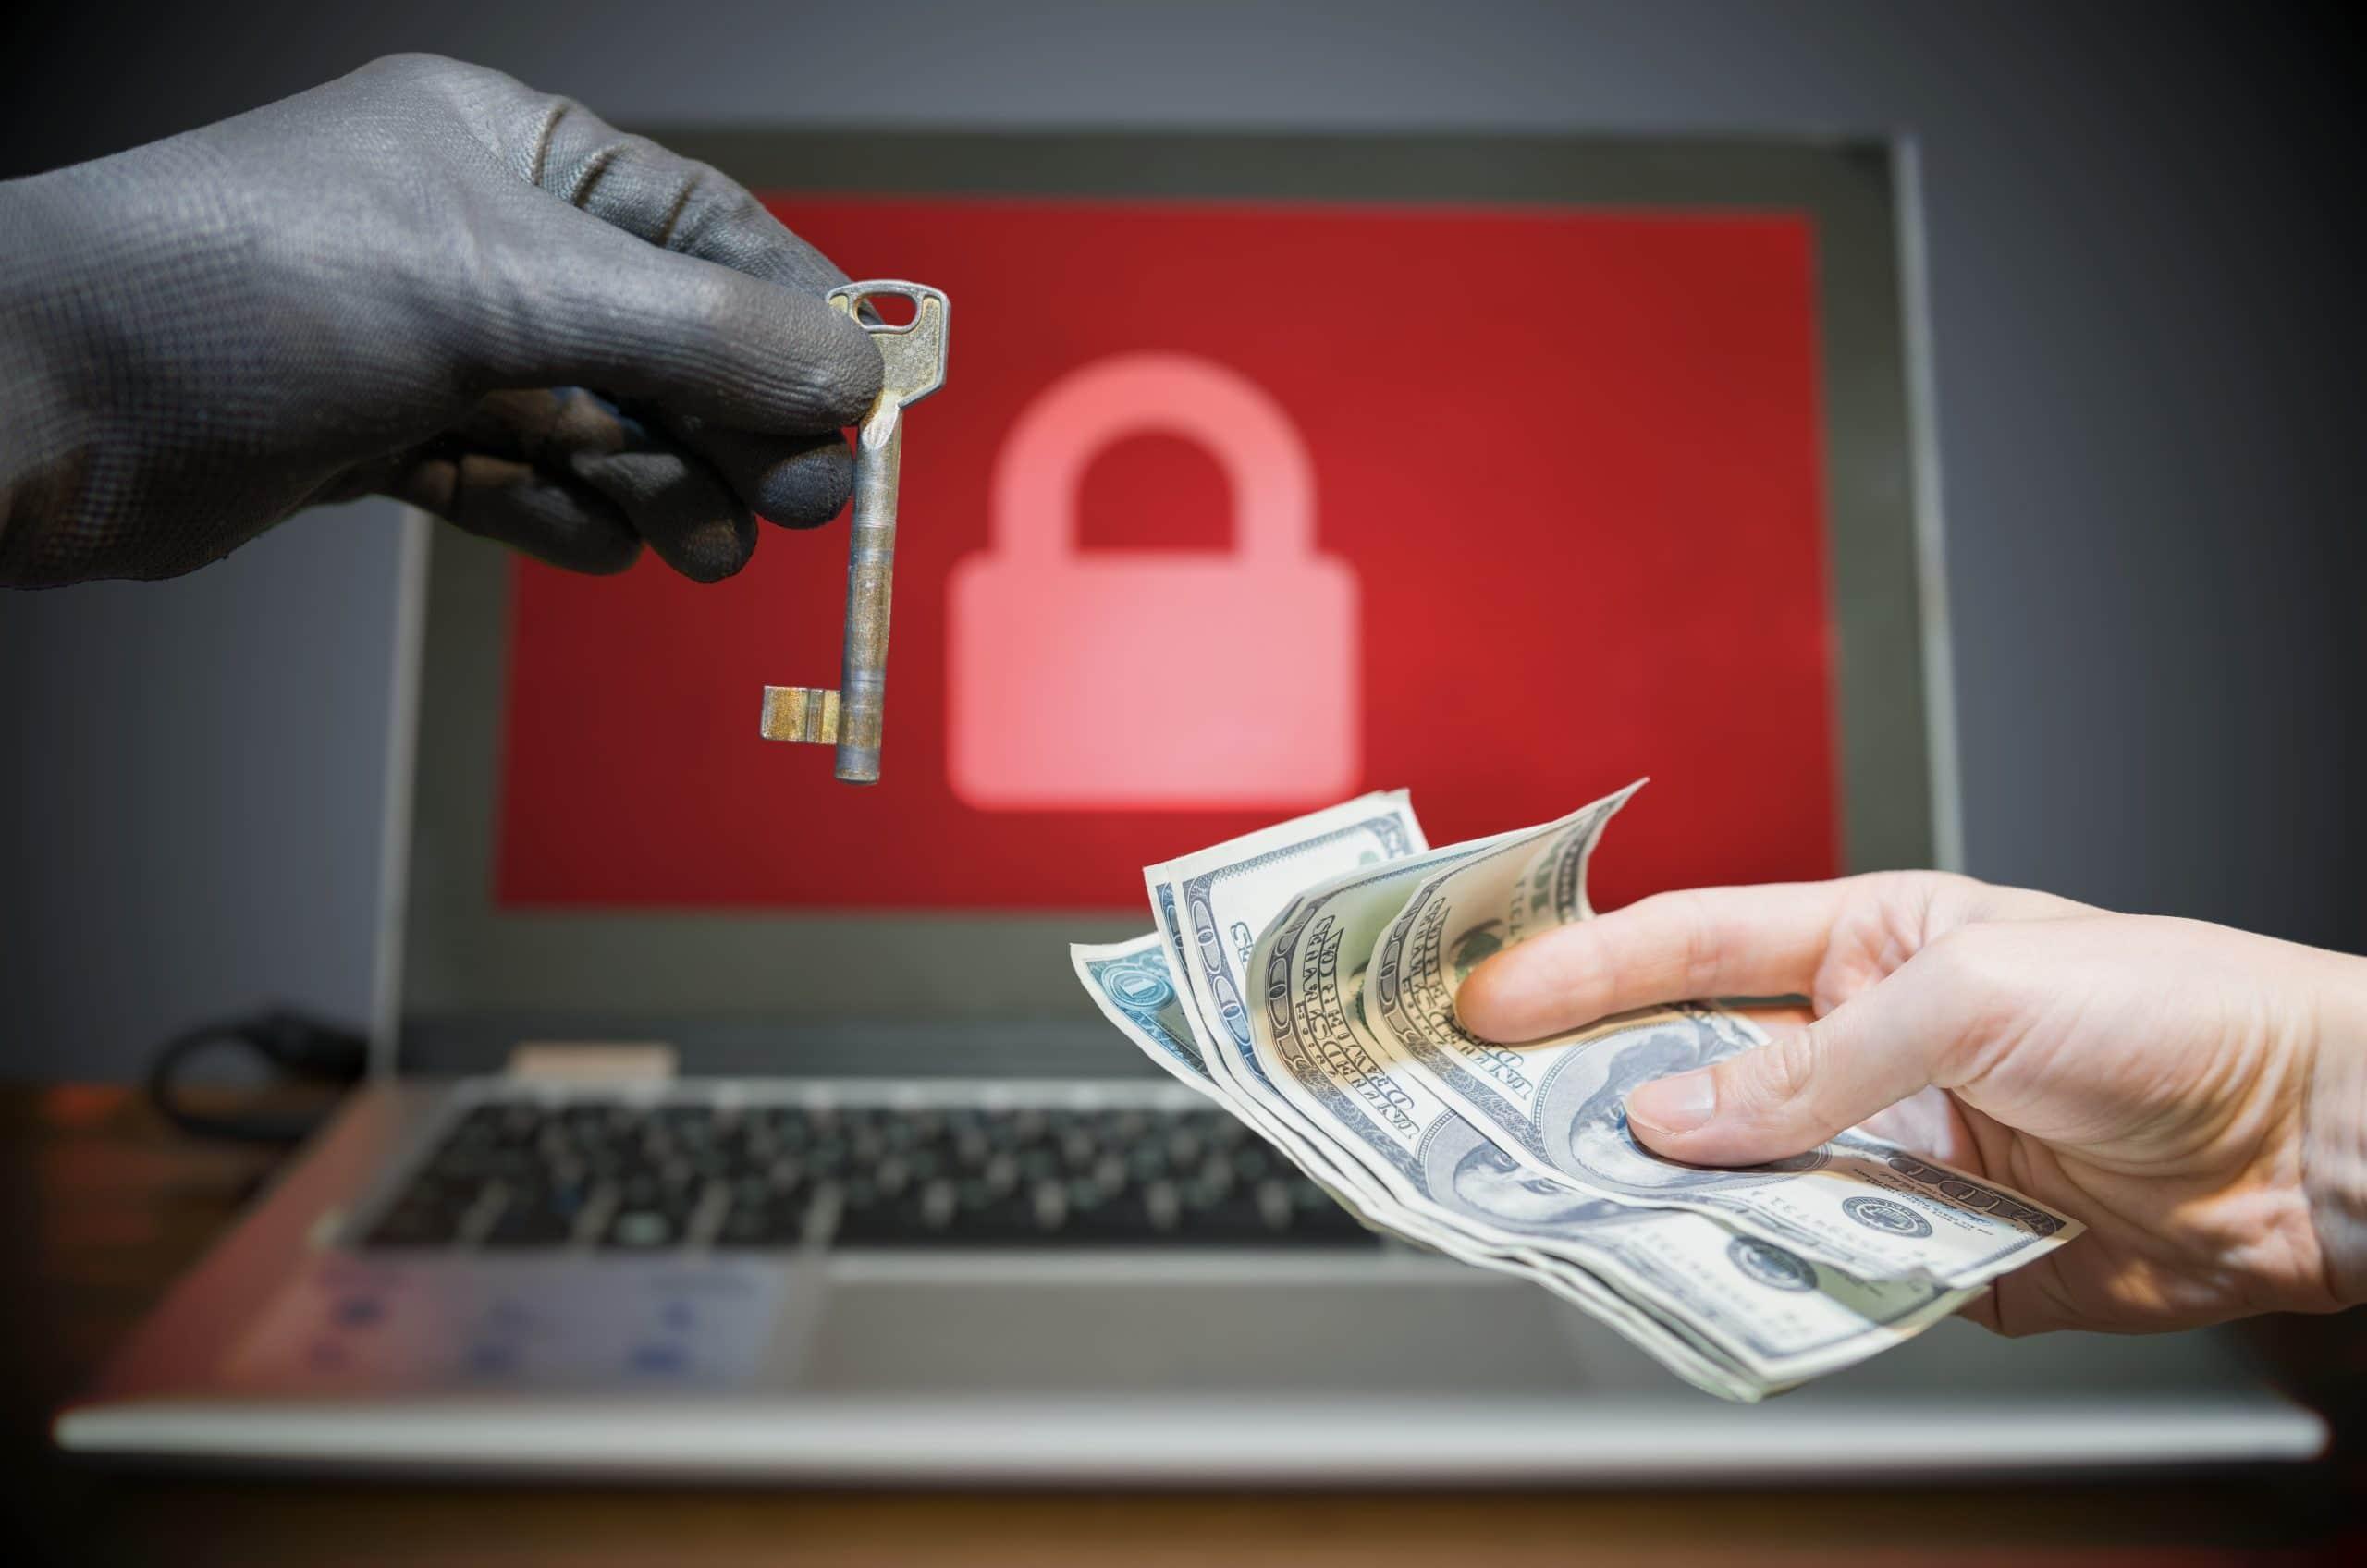 Hacker-Angriff auf Kaseya. Hätte es verhindert werden können?